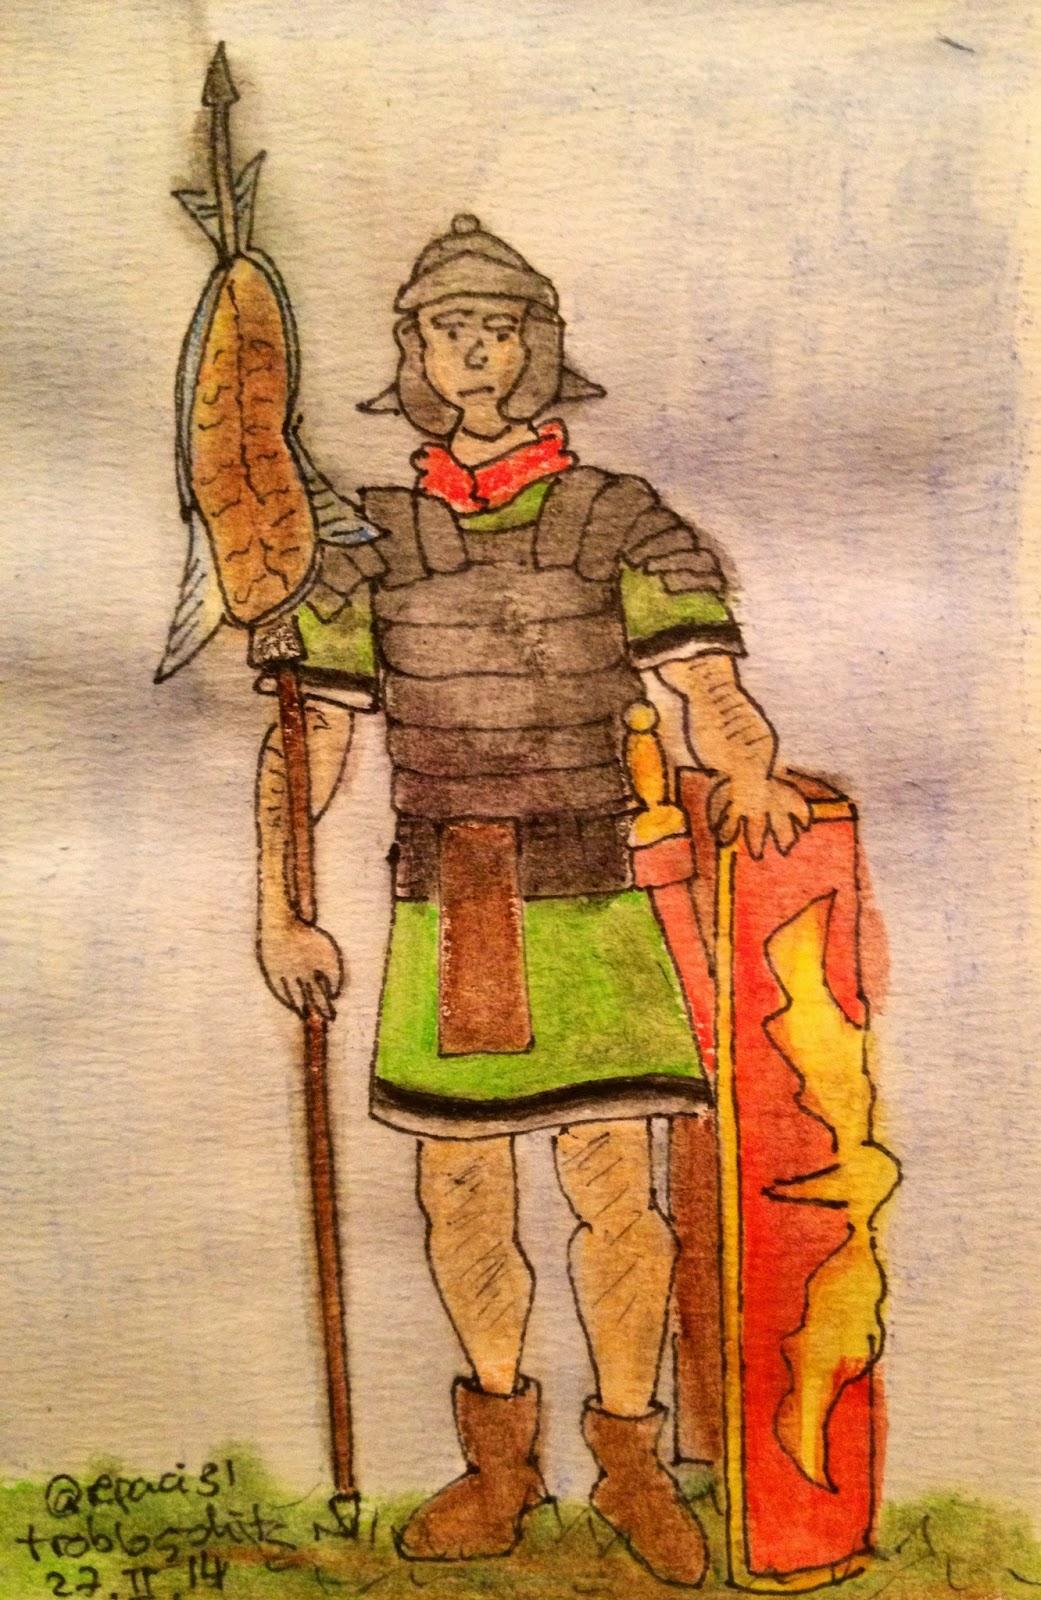 Del salazón, el bacalao España y los romanos - Origen de la tradición del bacalao en España y, sobre todo, en Castilla - el troblogdita - el gastrónomo